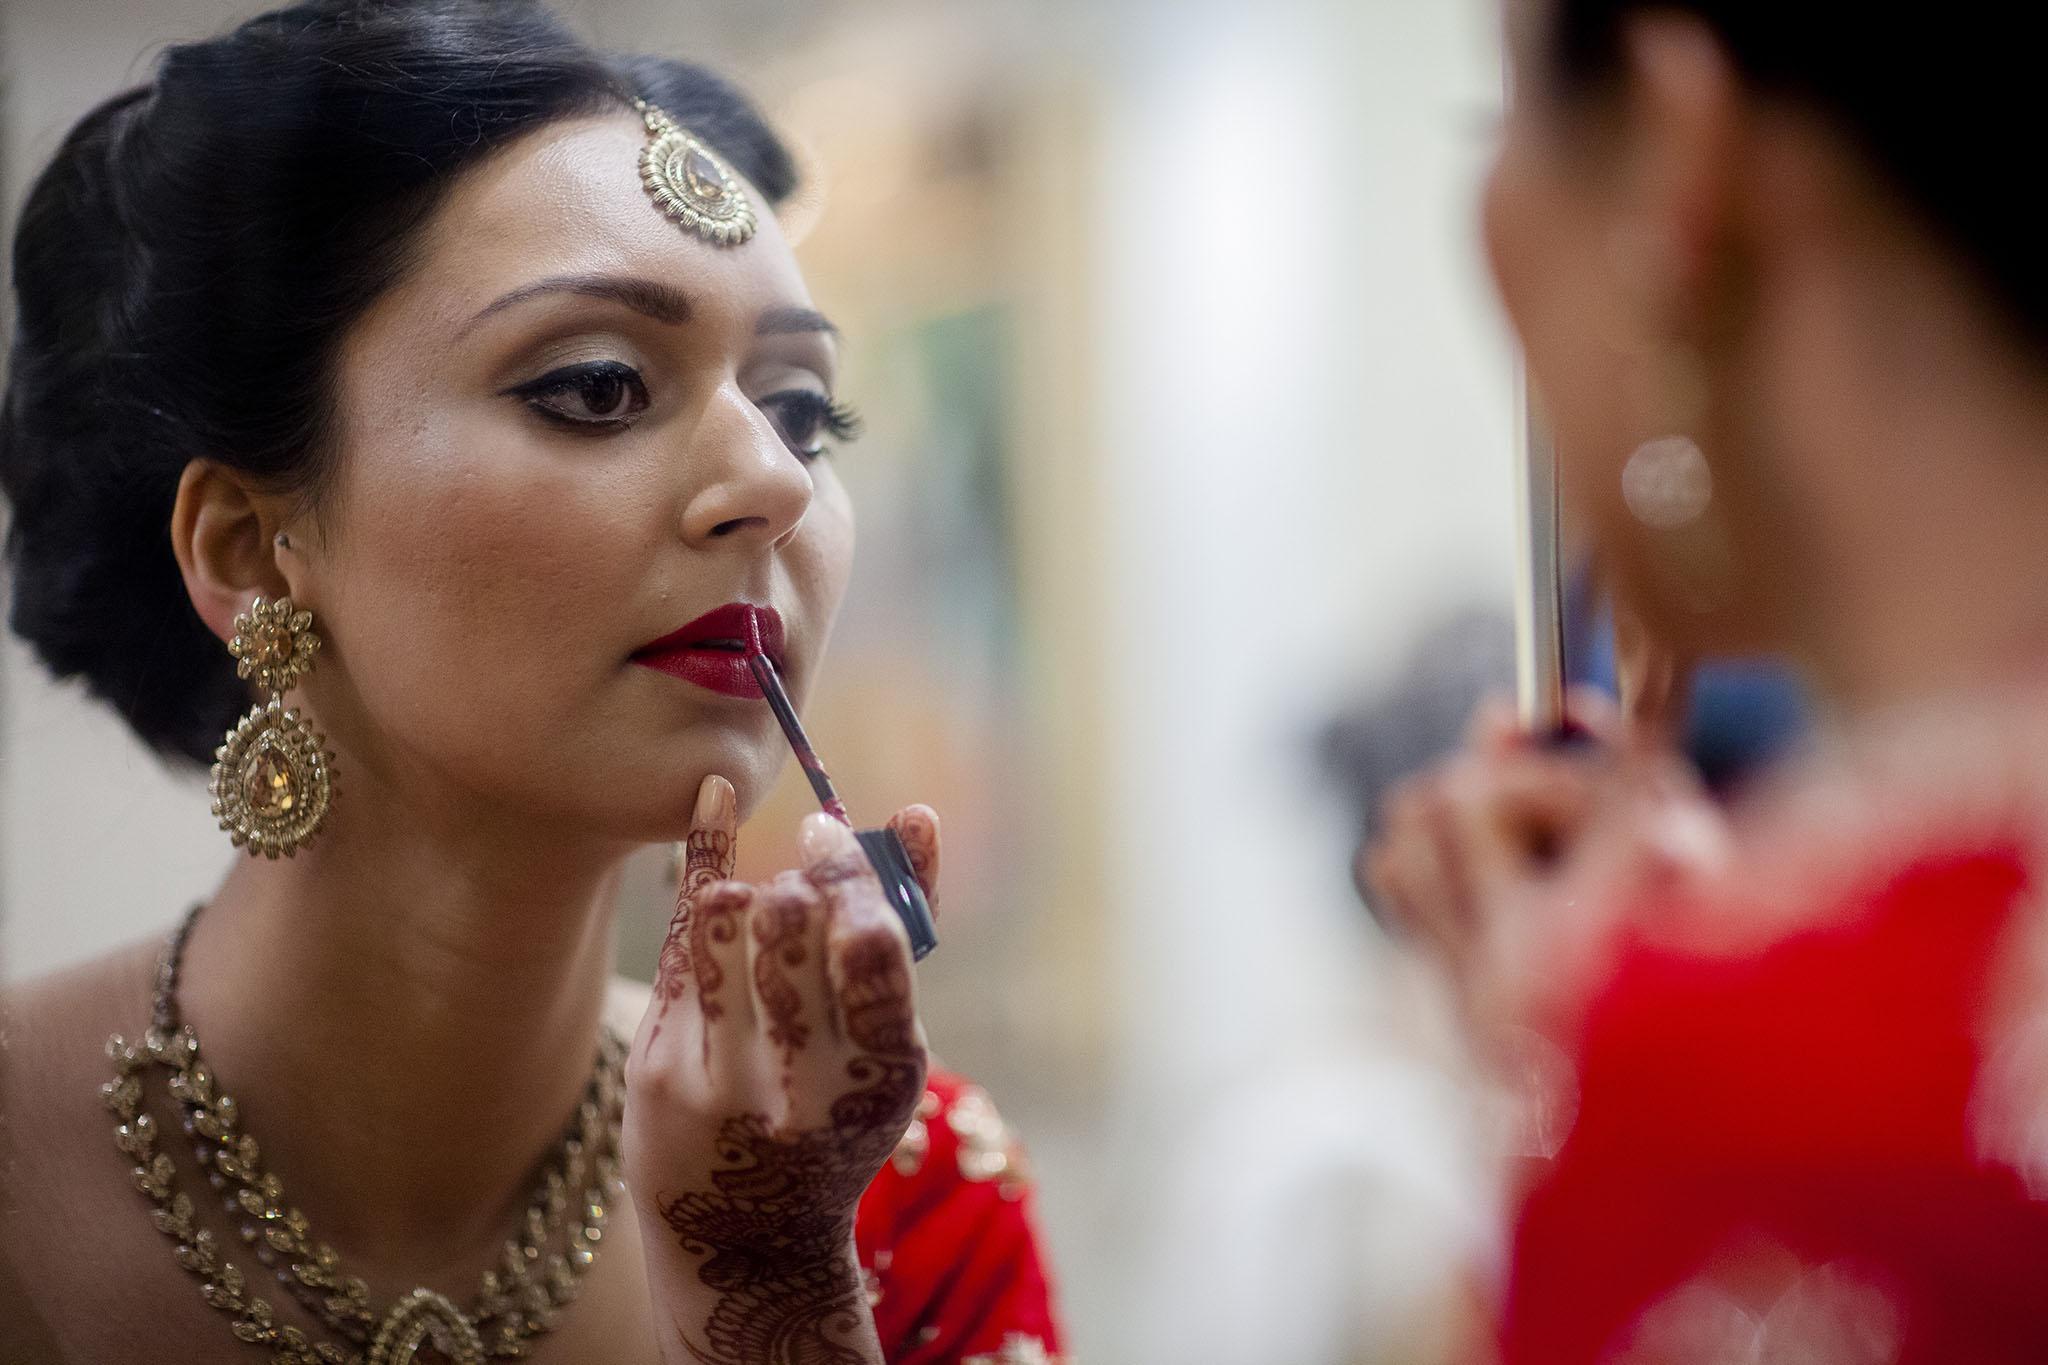 elizabethgphotography_kingslangley_hertfordshire_fineart_indian_wedding_photography_bhavesh_kundalata_bhaktivedanta_manor_watford_jpg03.jpg